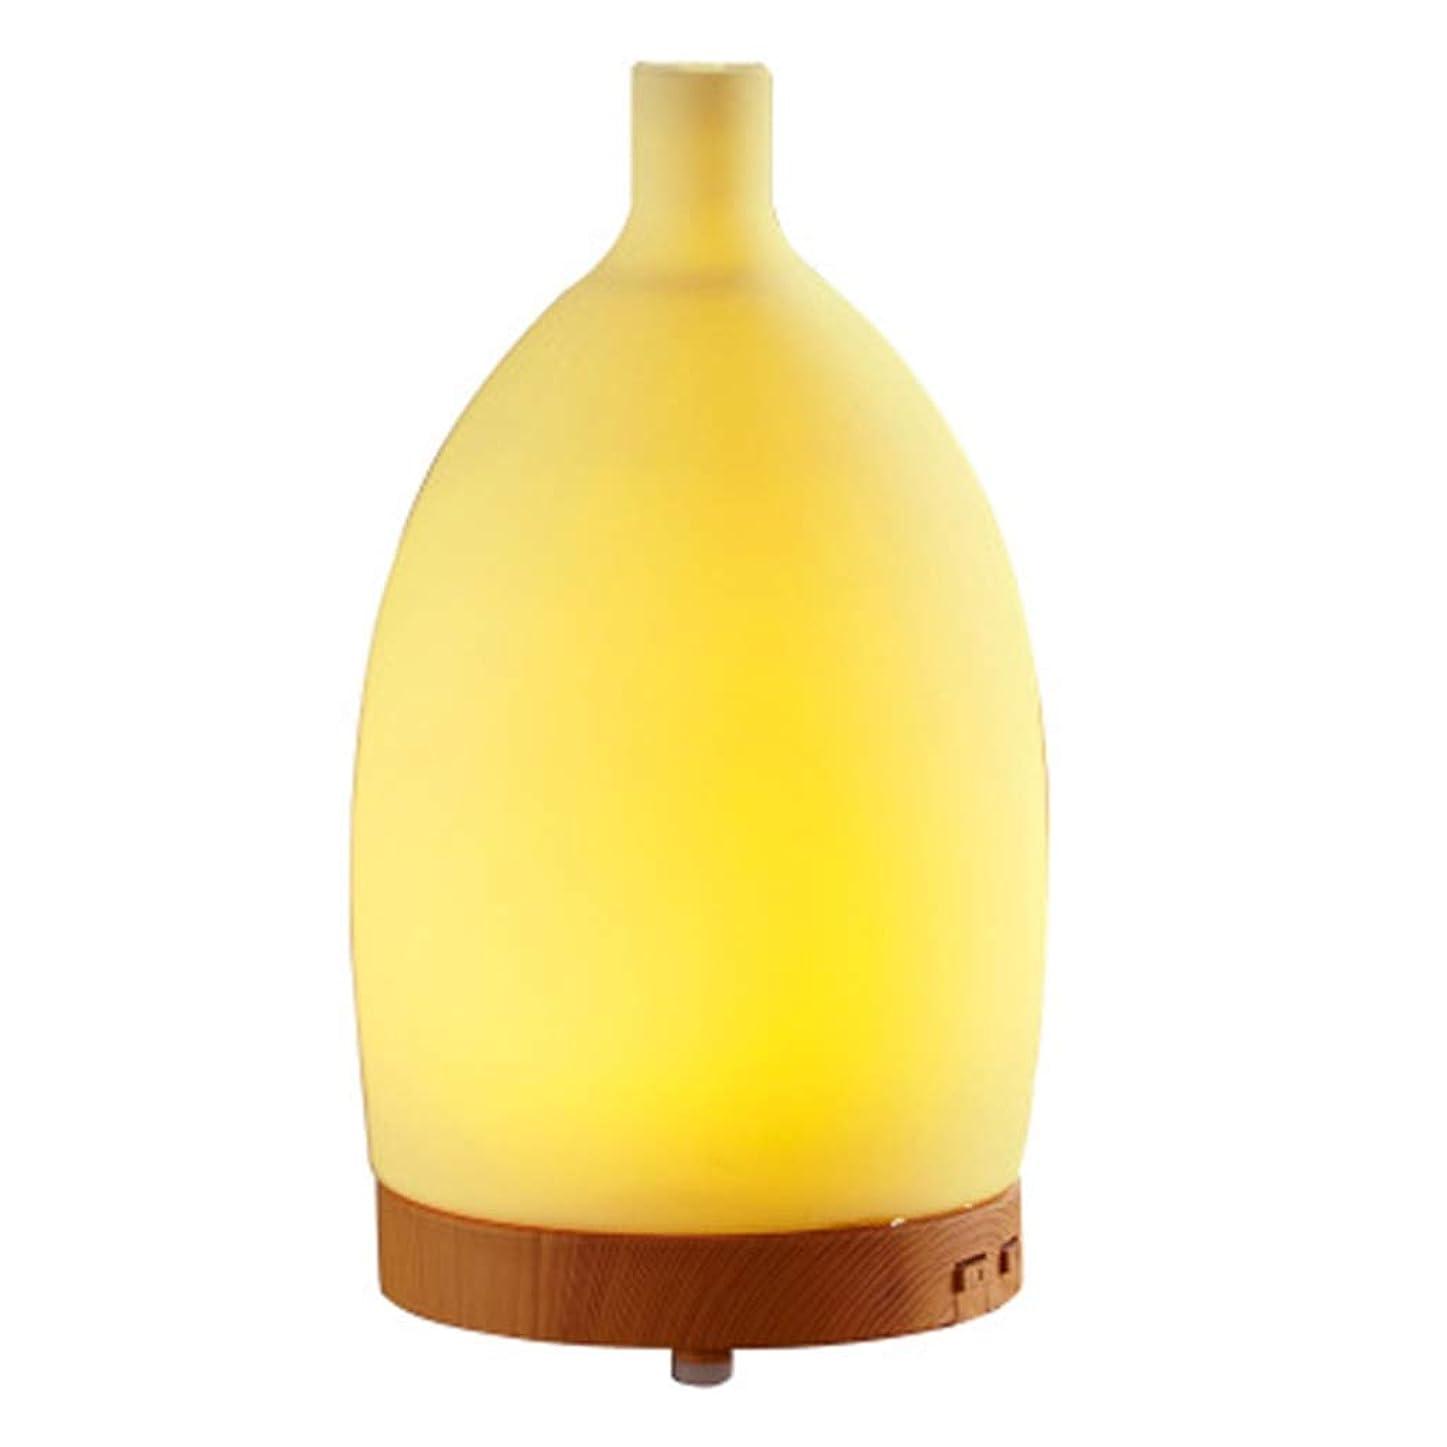 変更考古学的なヒロイック7つの可変性の色LEDライトが付いている100mlシリコーンの花瓶の加湿器のための精油の拡散器は水の自動オフ浄化の空気を浄化します (Color : Colorful)